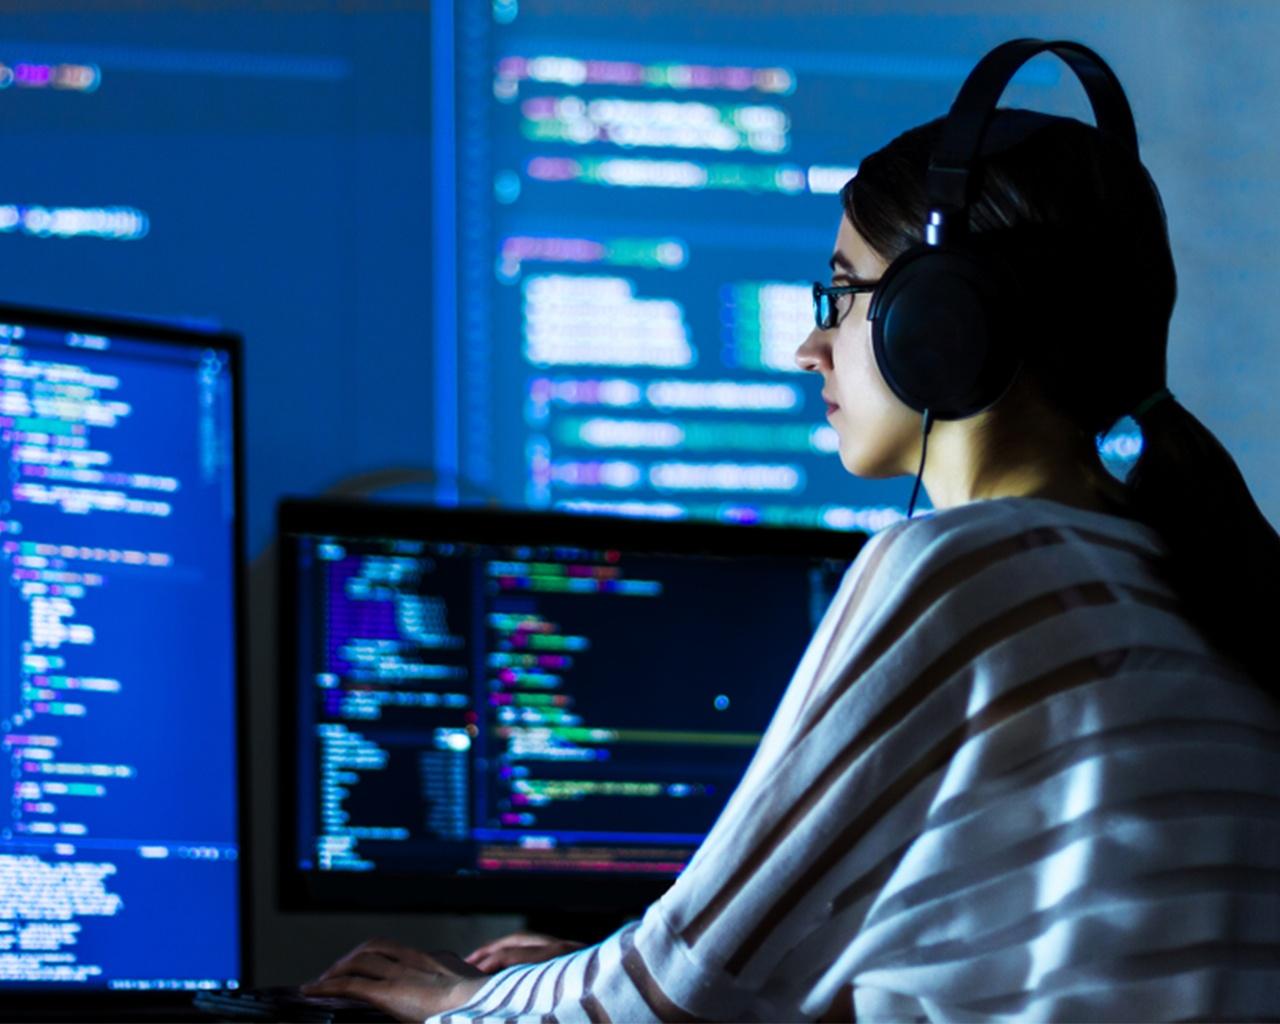 Curso de Computacion Introducción al hardware